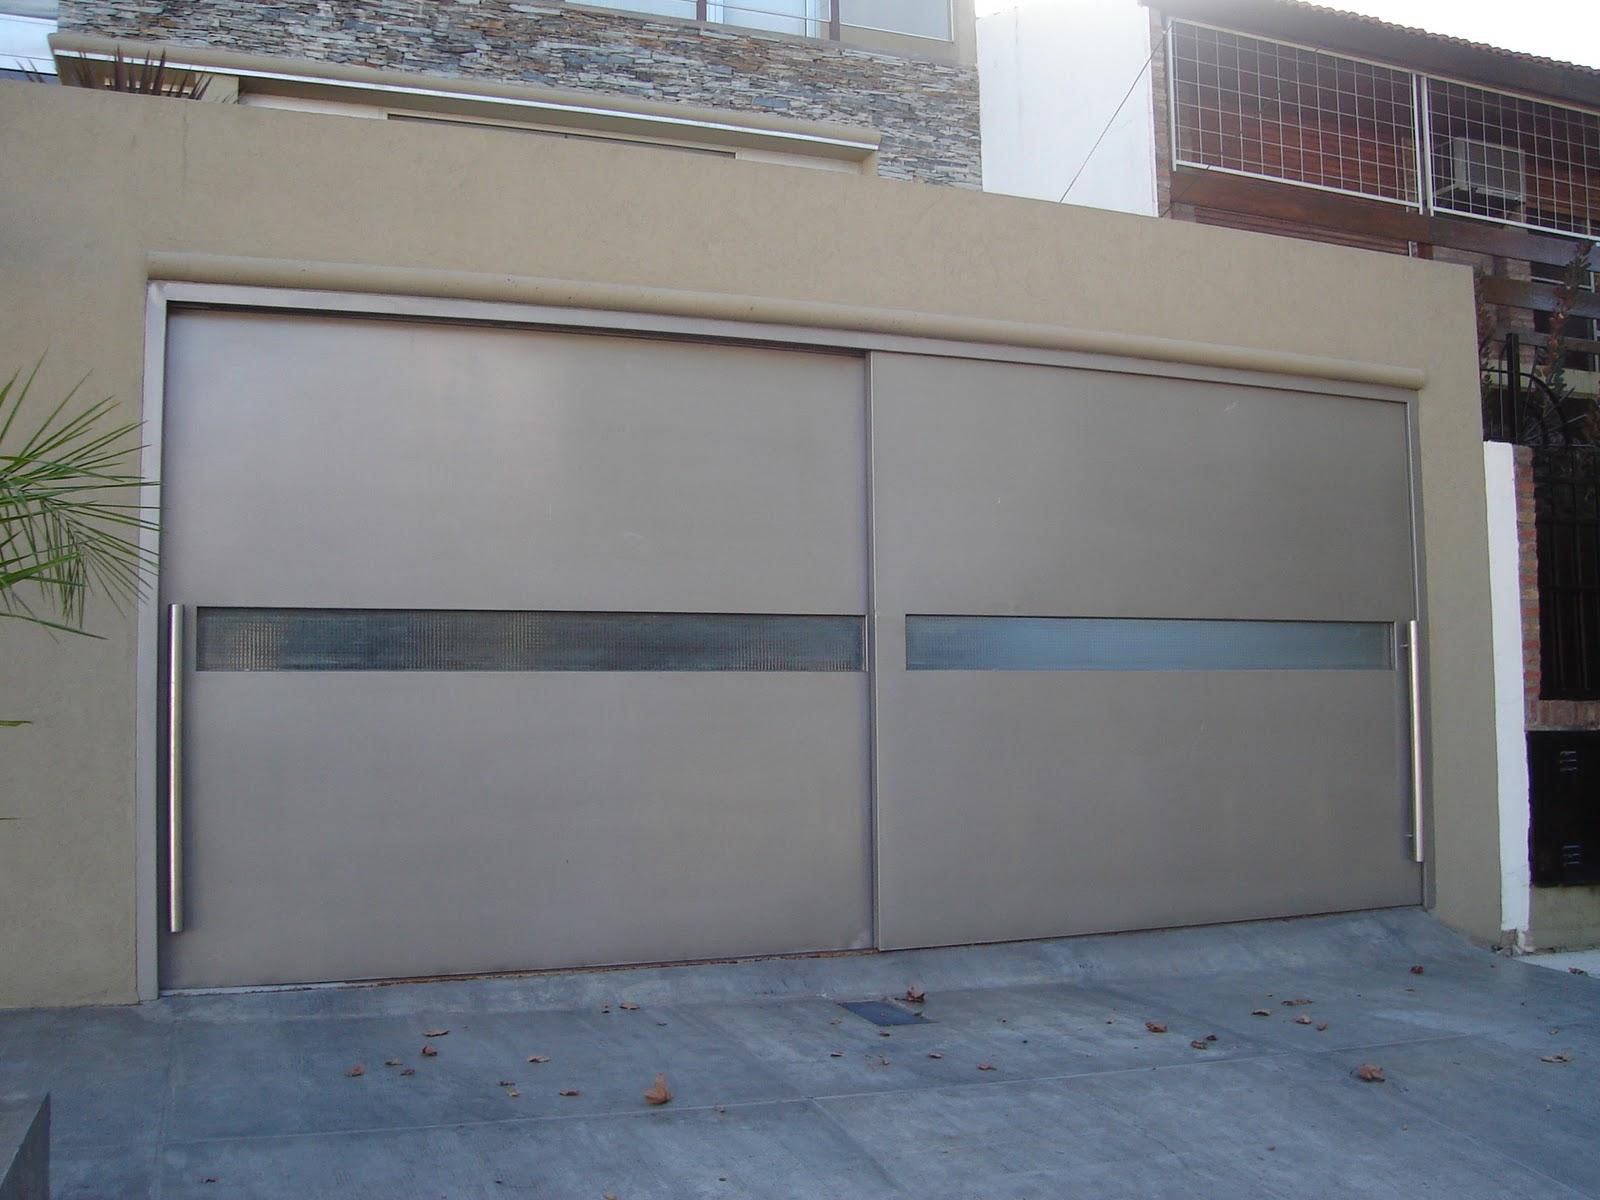 Mb portones automaticos portones corredizos rectos for Garajes automaticos